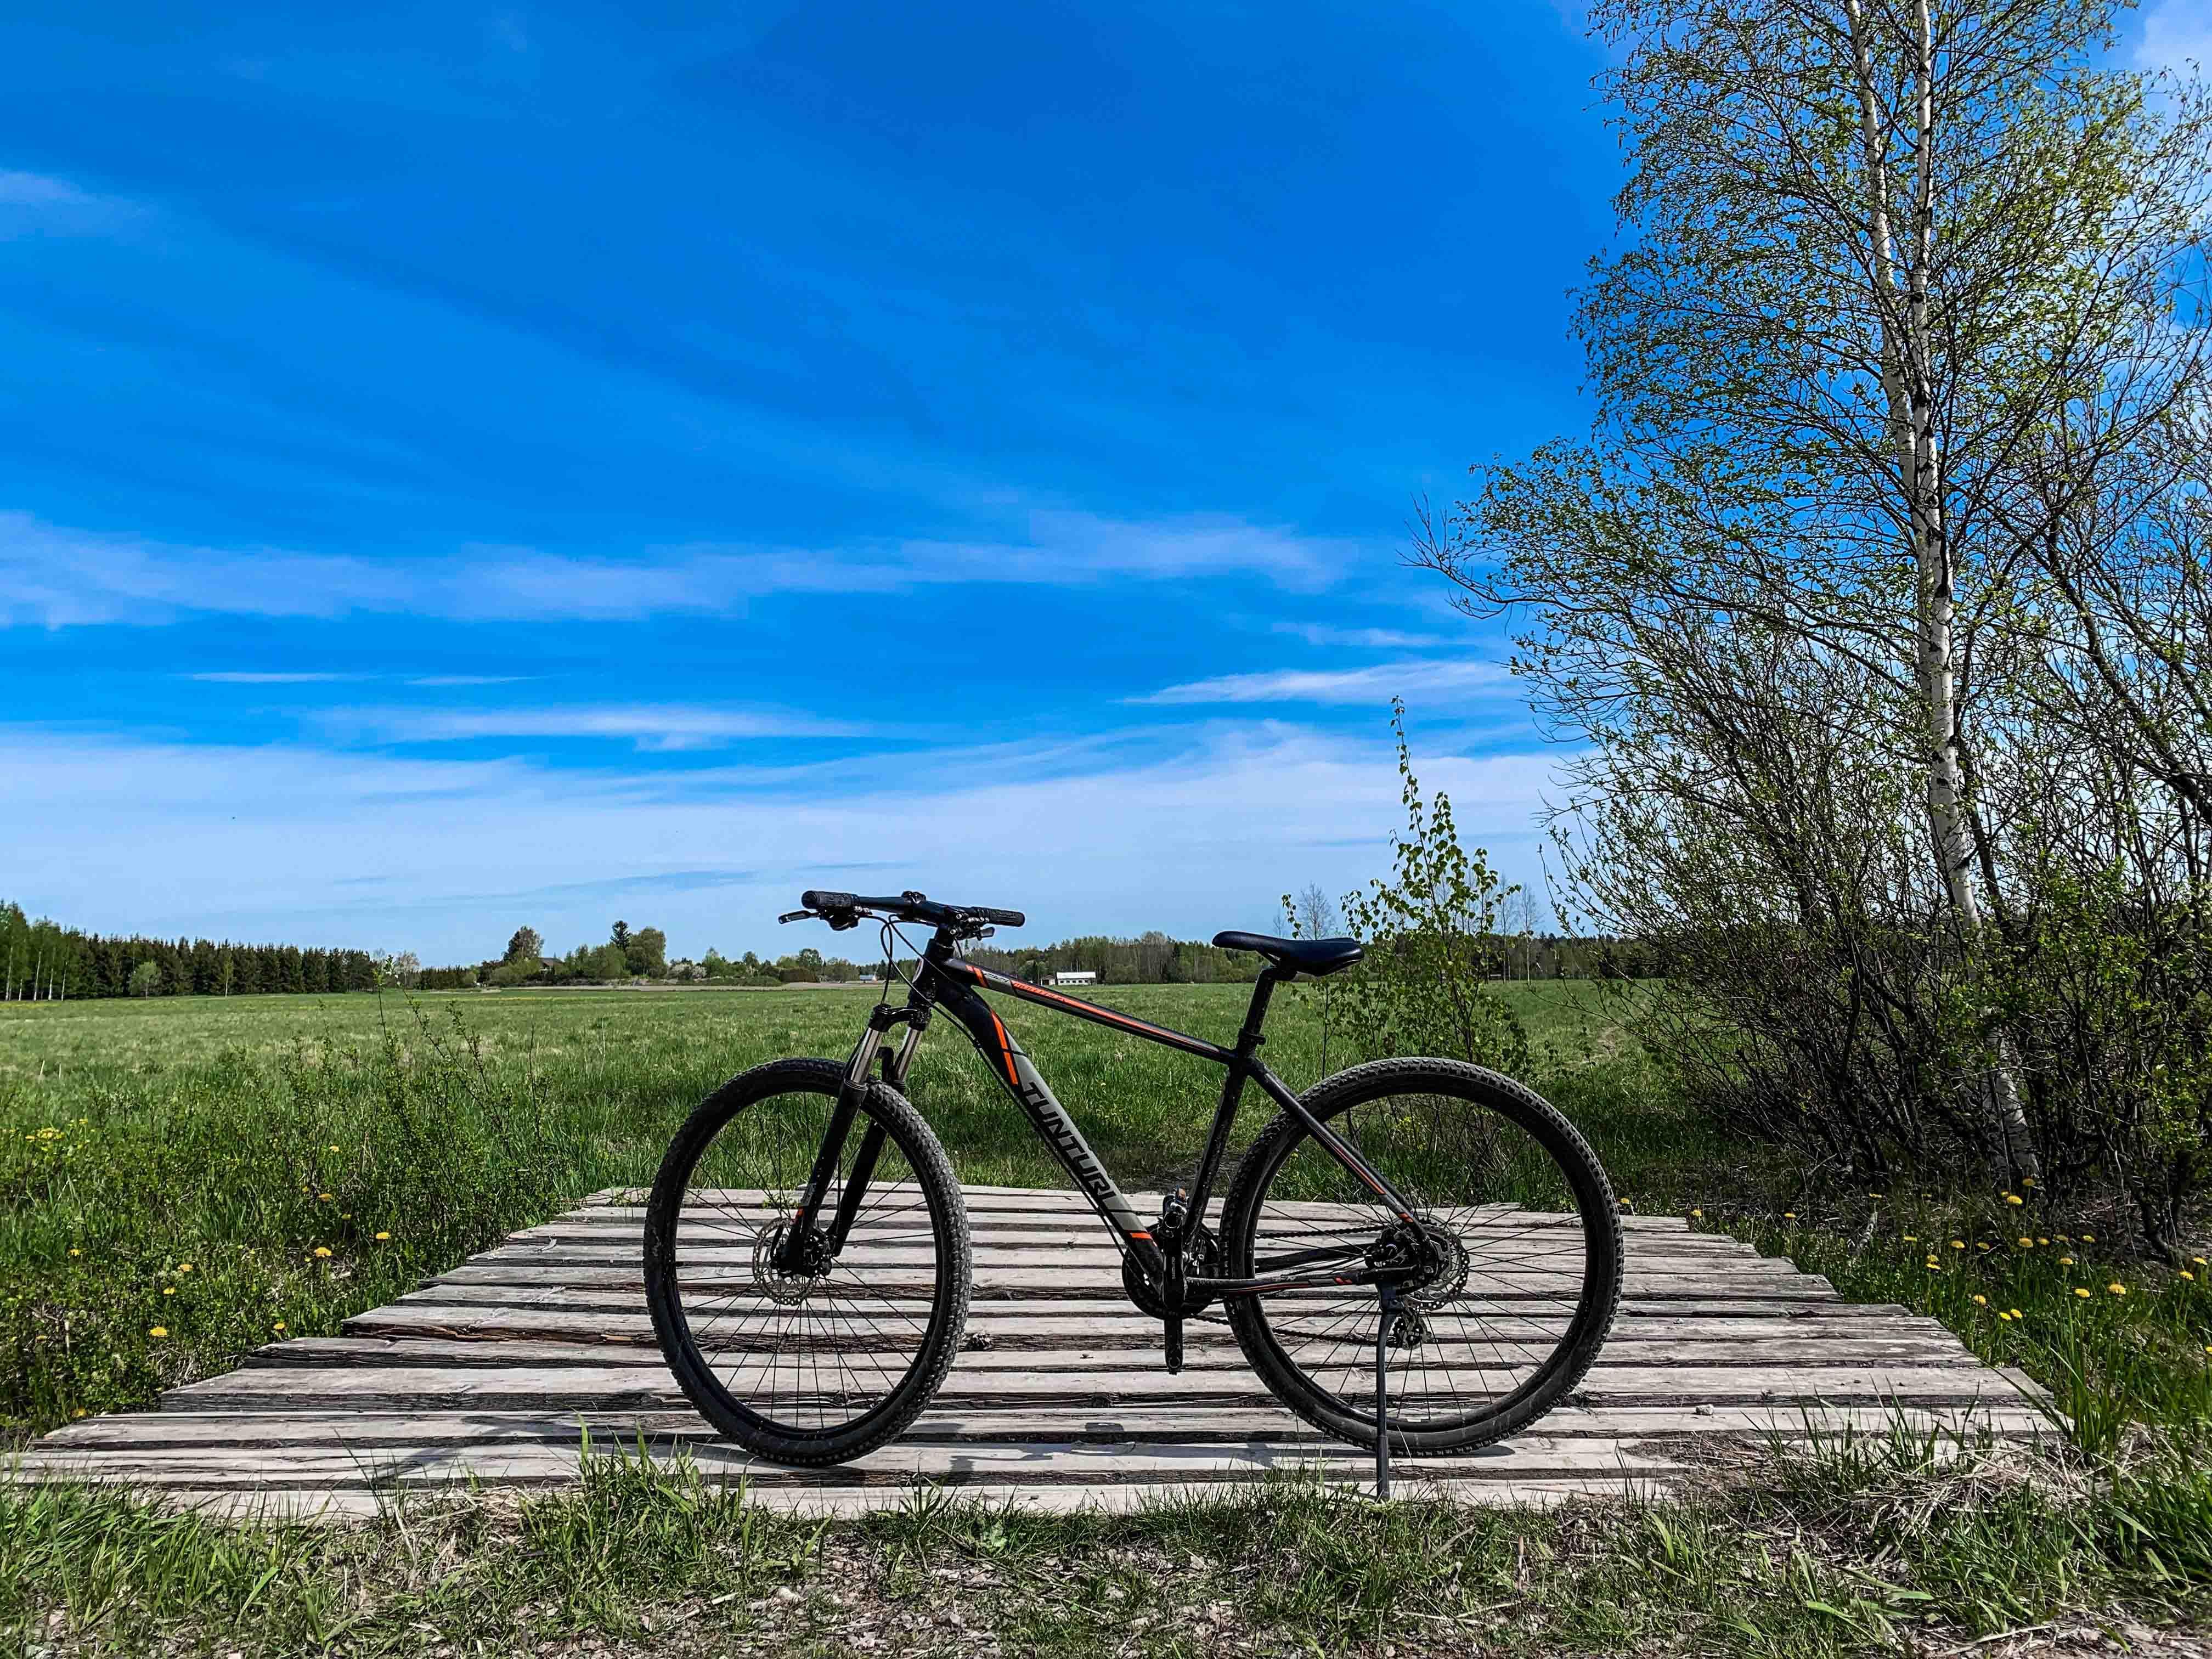 chiếc xe đạp giữa cánh đồng